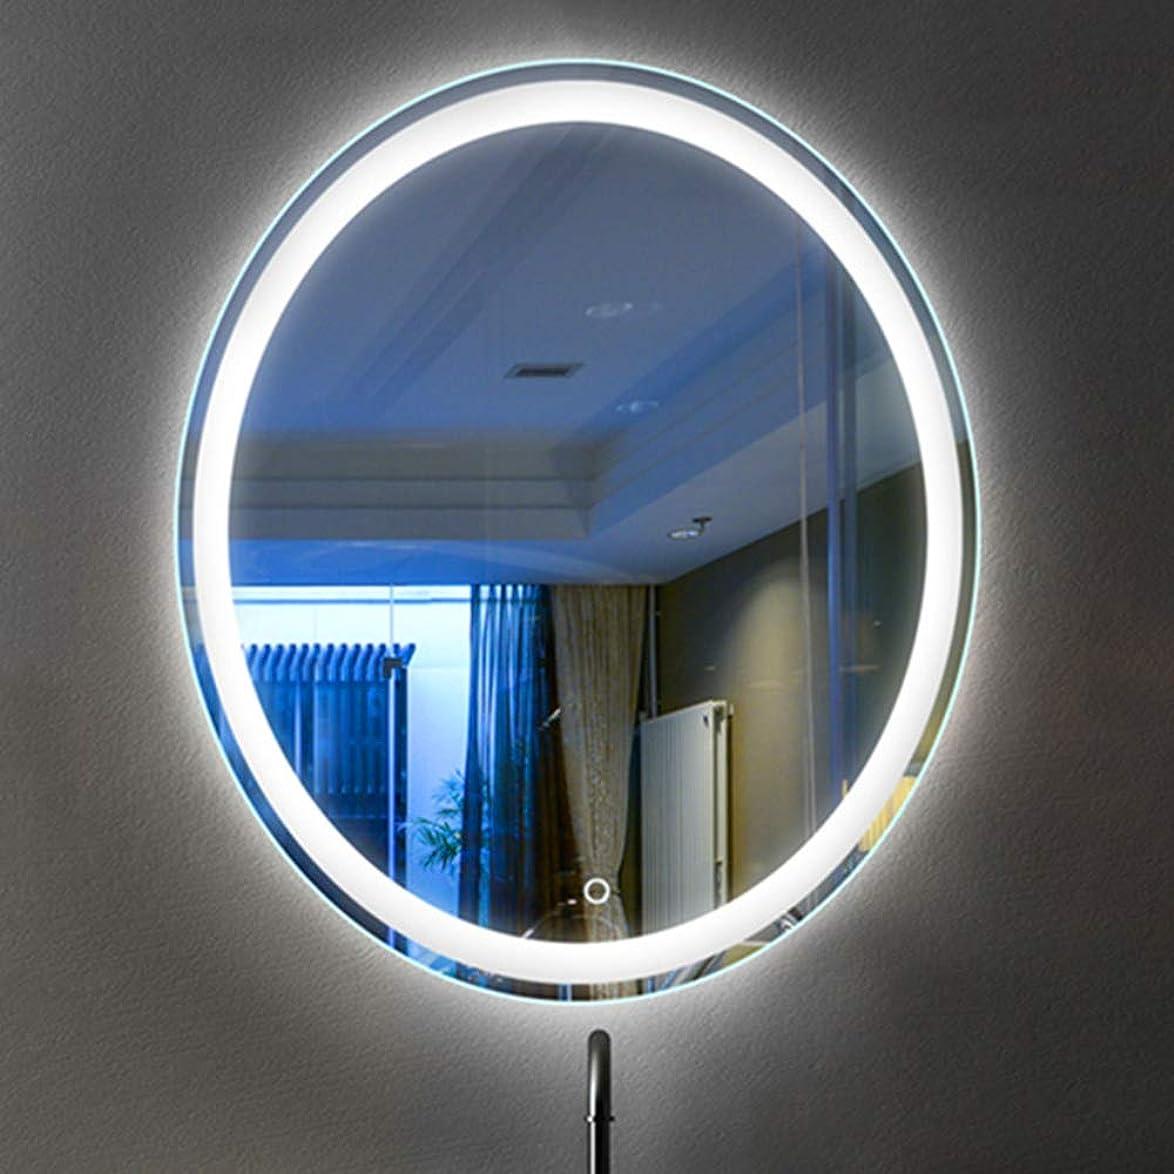 社交的と闘うオーナメント楕円形のバスルームミラースマートLEDライトミラータッチスイッチ防水壁掛けバスルームミラー、HDイメージング、耐久性、ホームホテルの装飾